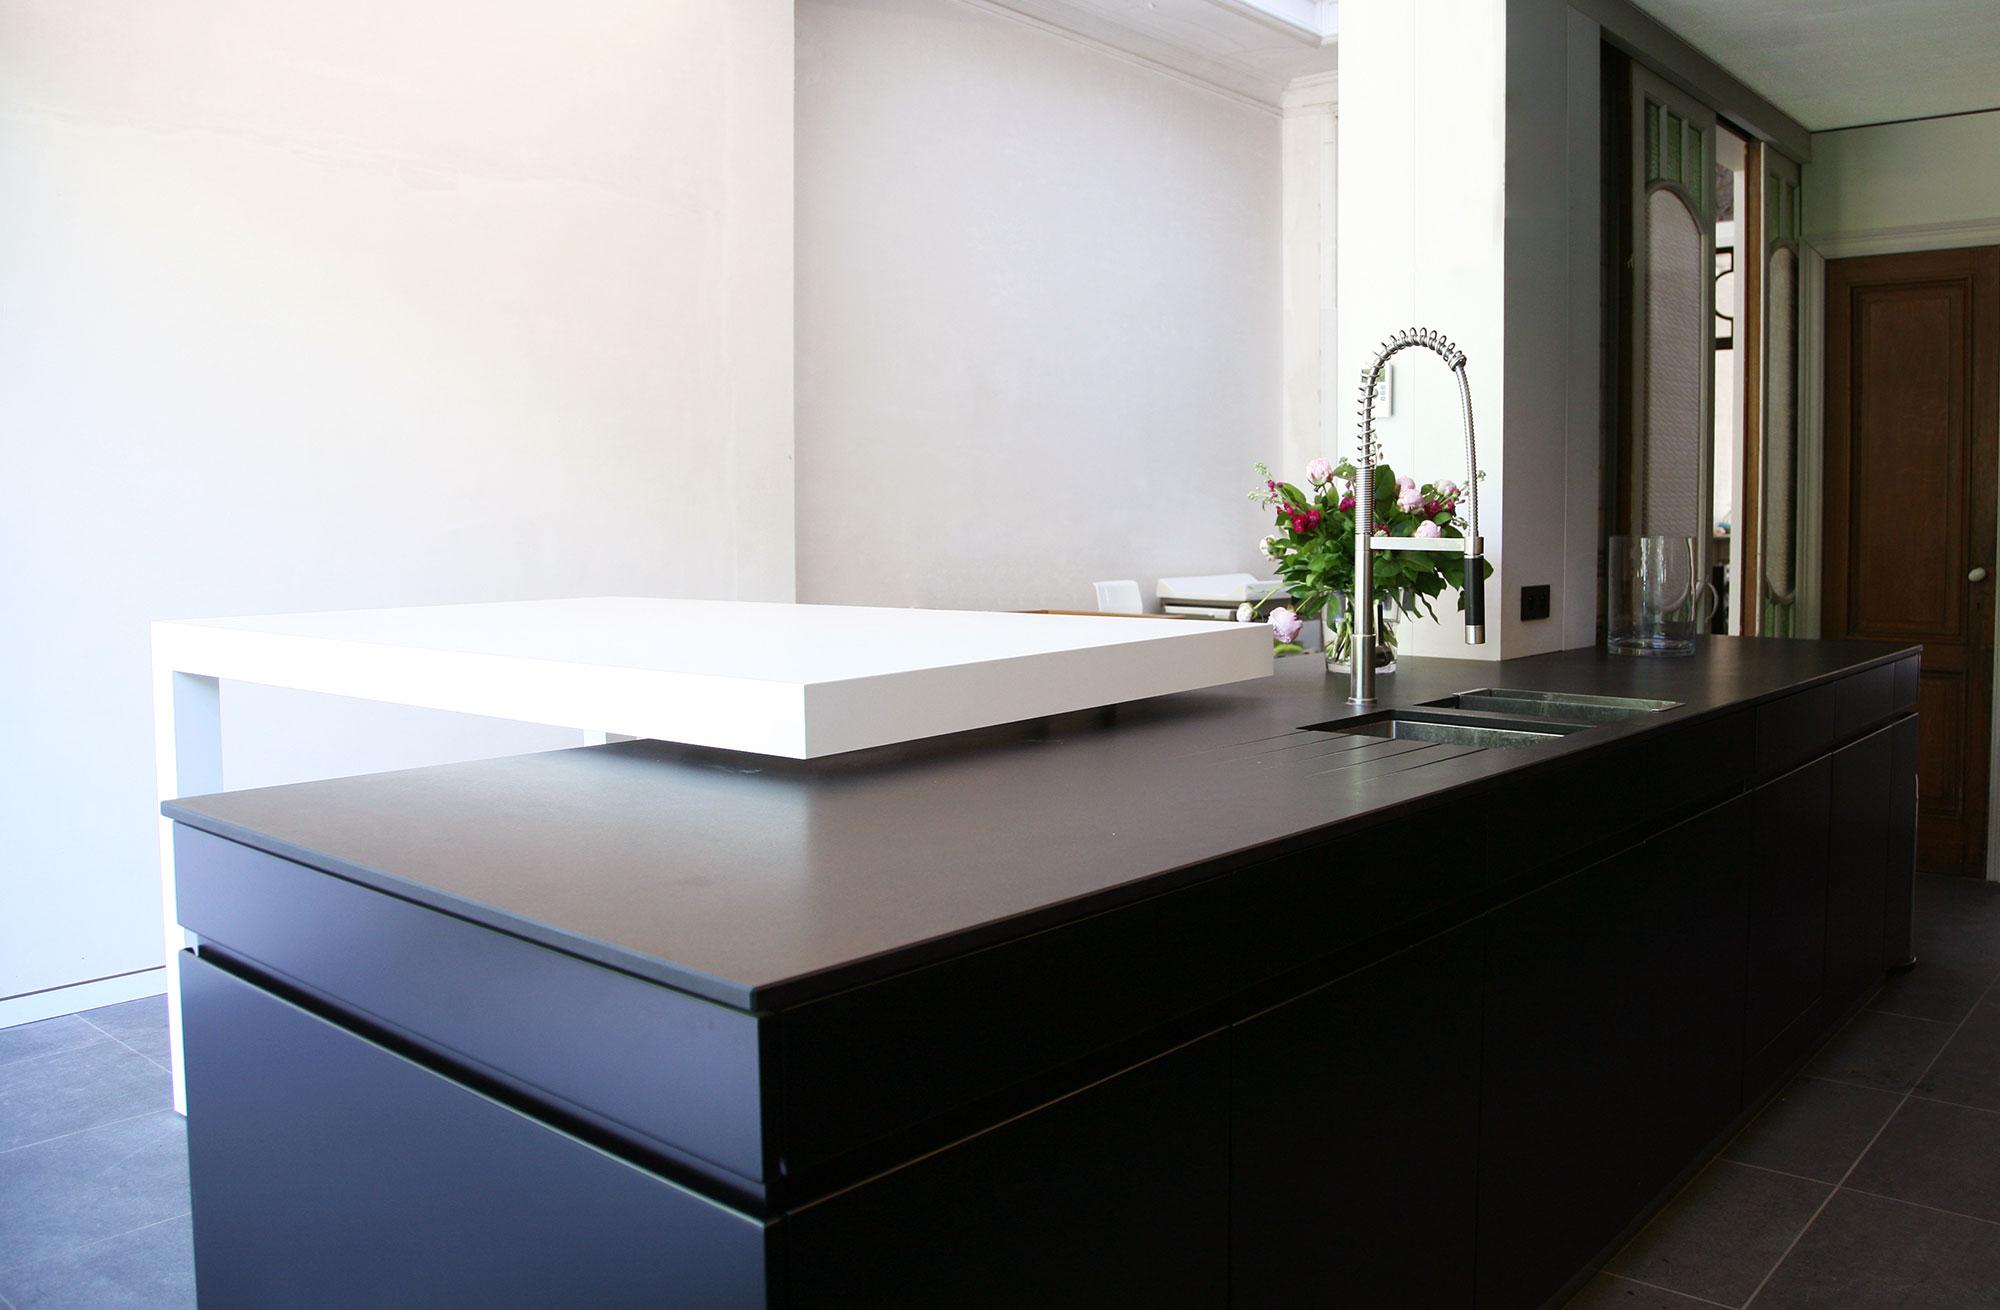 Het kookeiland werd op maat ontworpen door de interieurarchitect van AAA. Het witte tafelblad zweeft boven het zwarte kookvlak en creëert dynamiek in de ruimte.